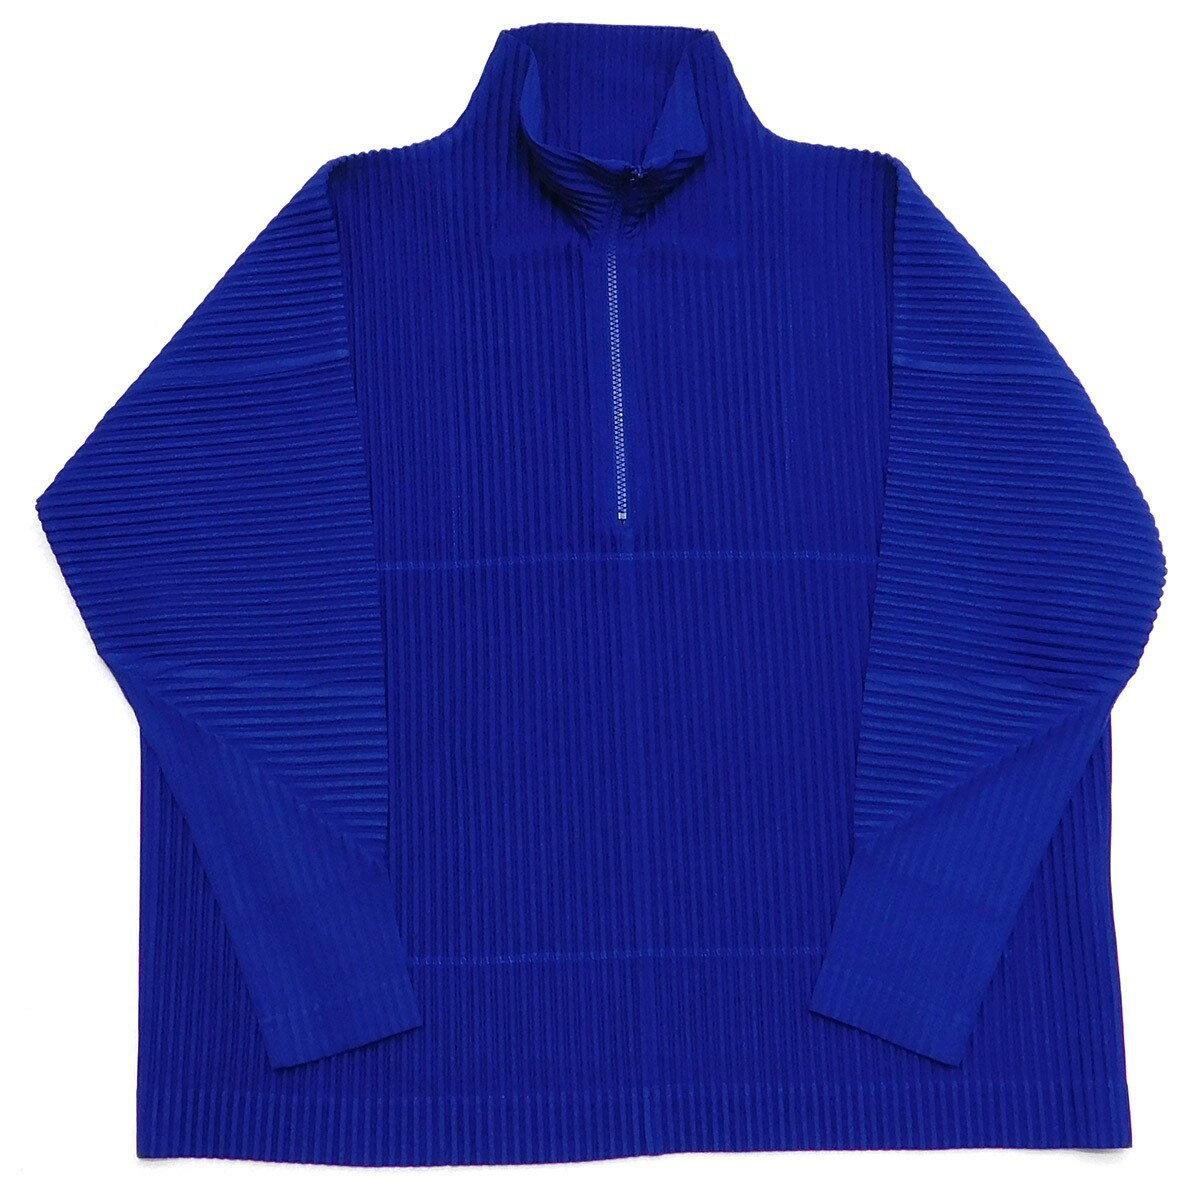 メンズファッション, コート・ジャケット HOMME PLISSE ISSEY MIYAKE 2020SS 2 250220